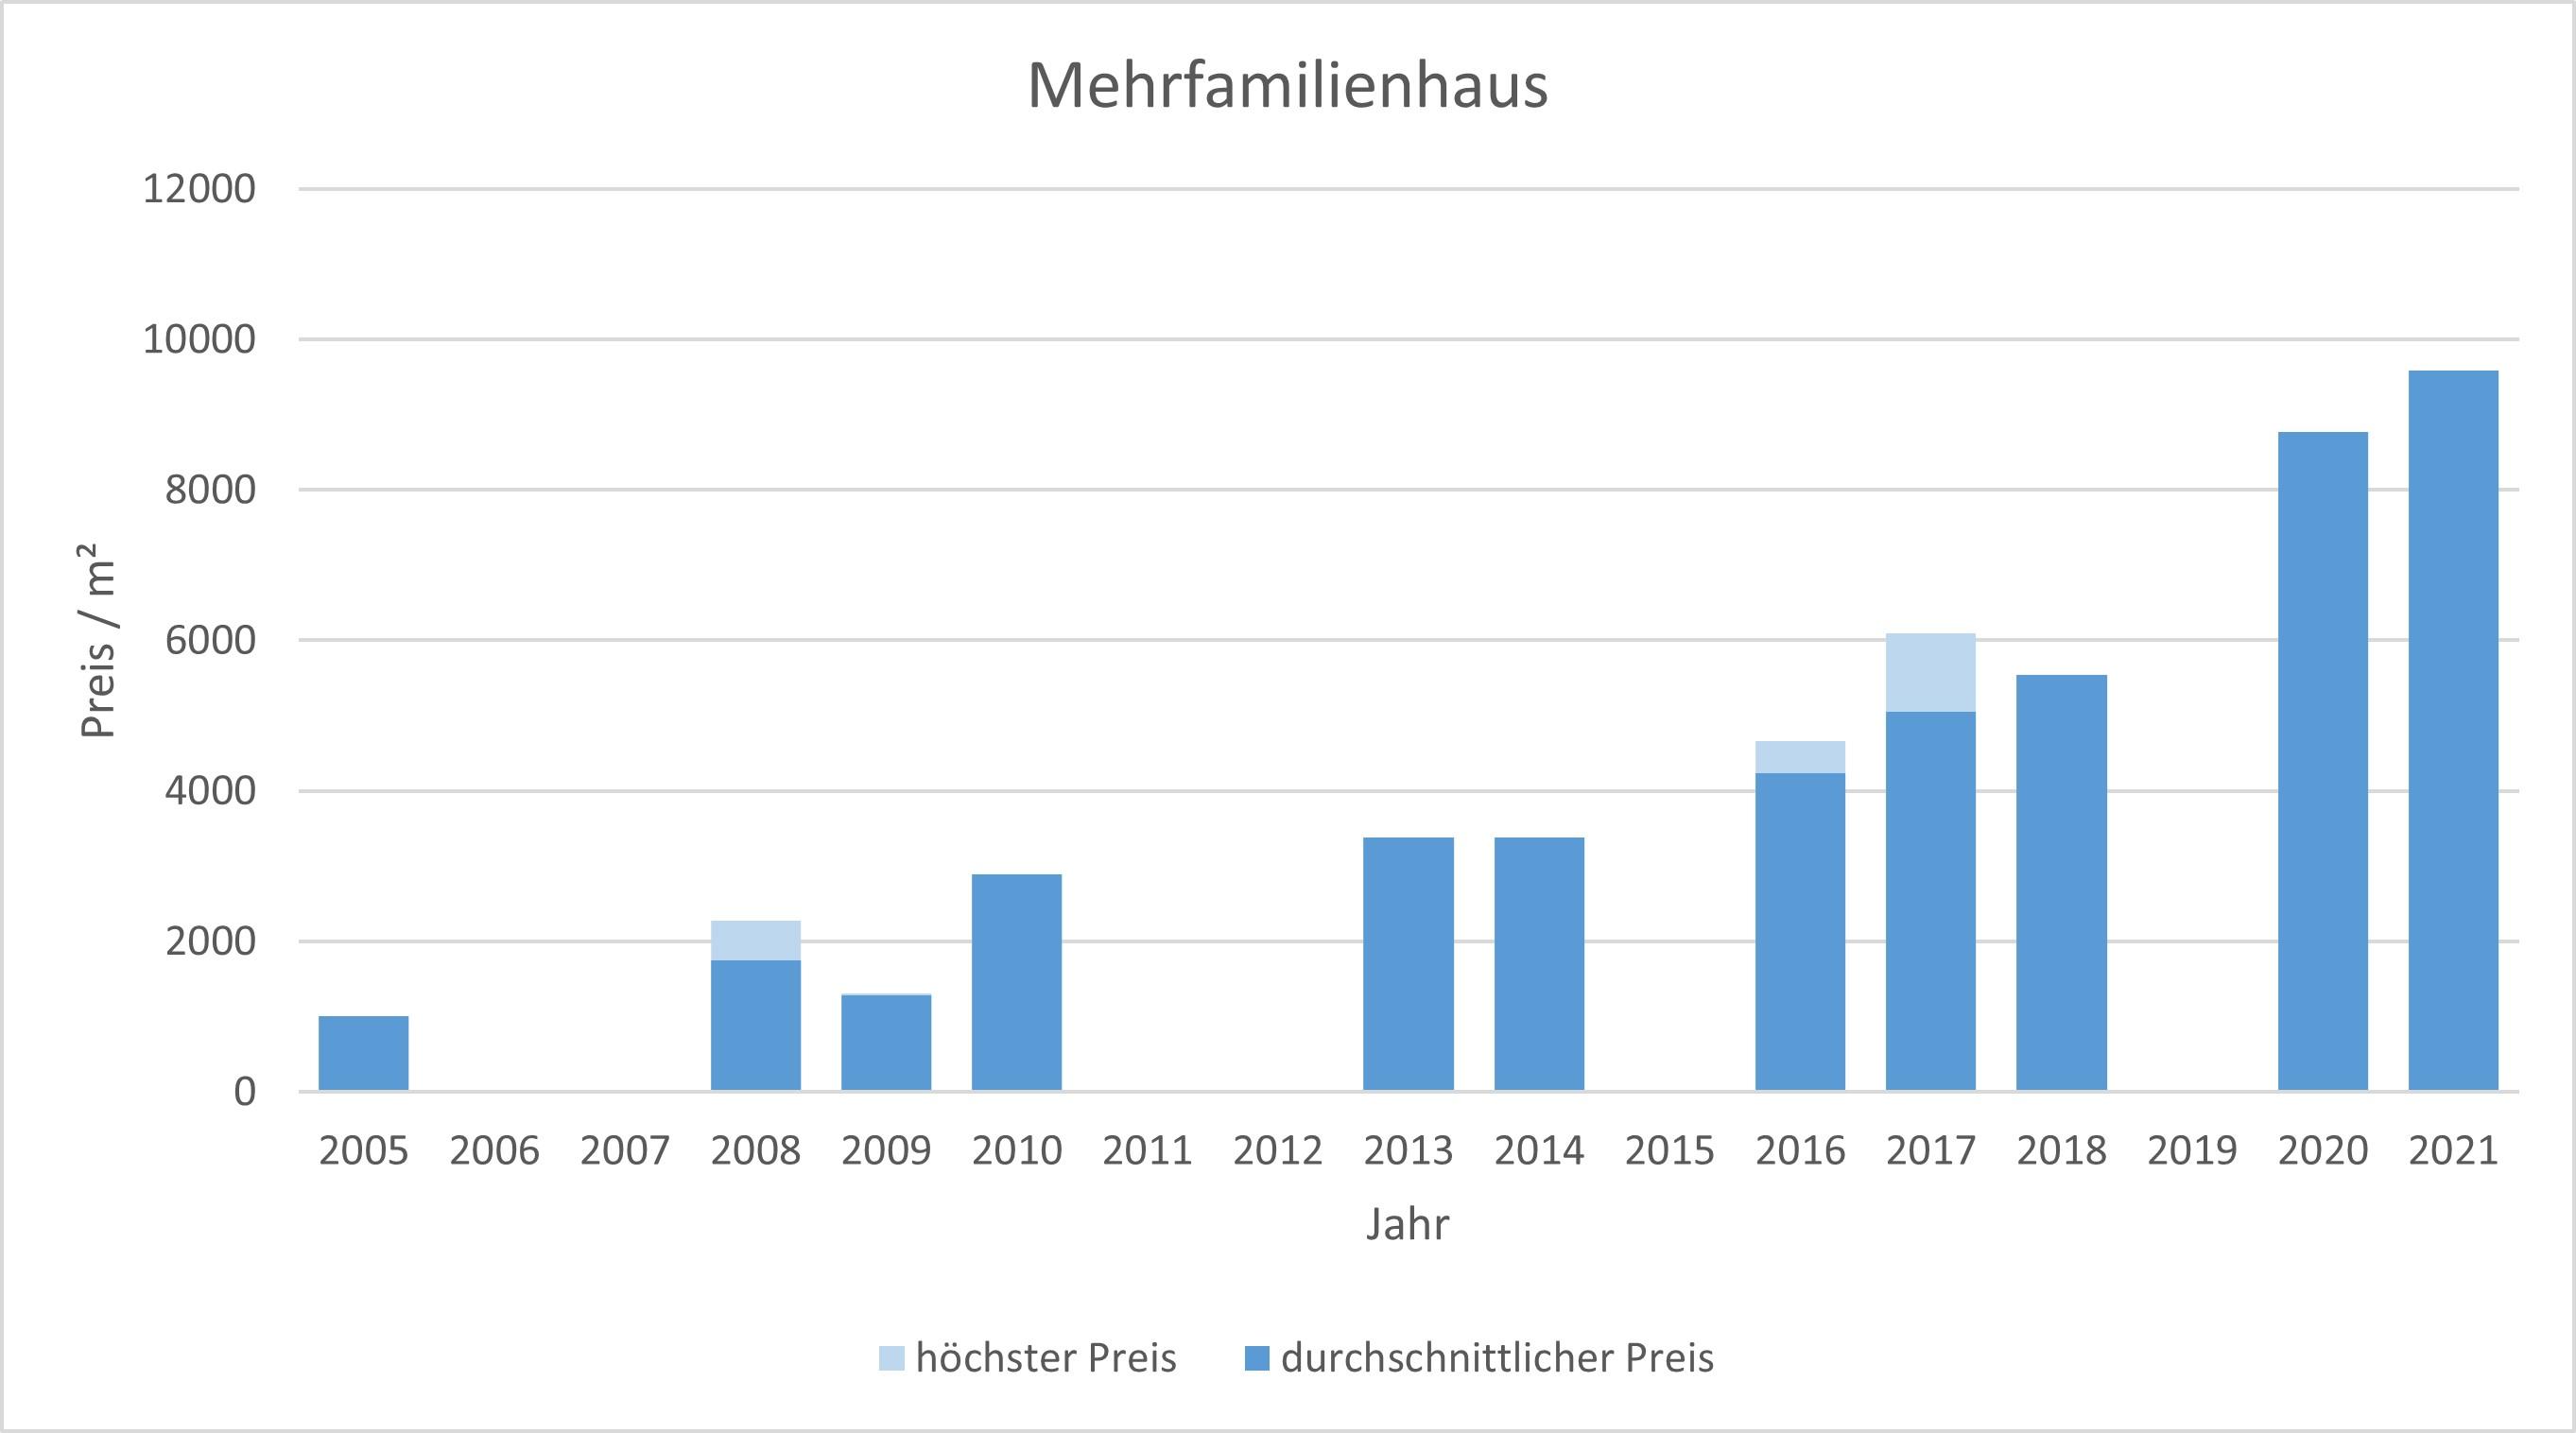 Icking Mehrfamilienhaus kaufen verkaufen Preis Bewertung Makler www.happy-immo.de 2019 2020 2021